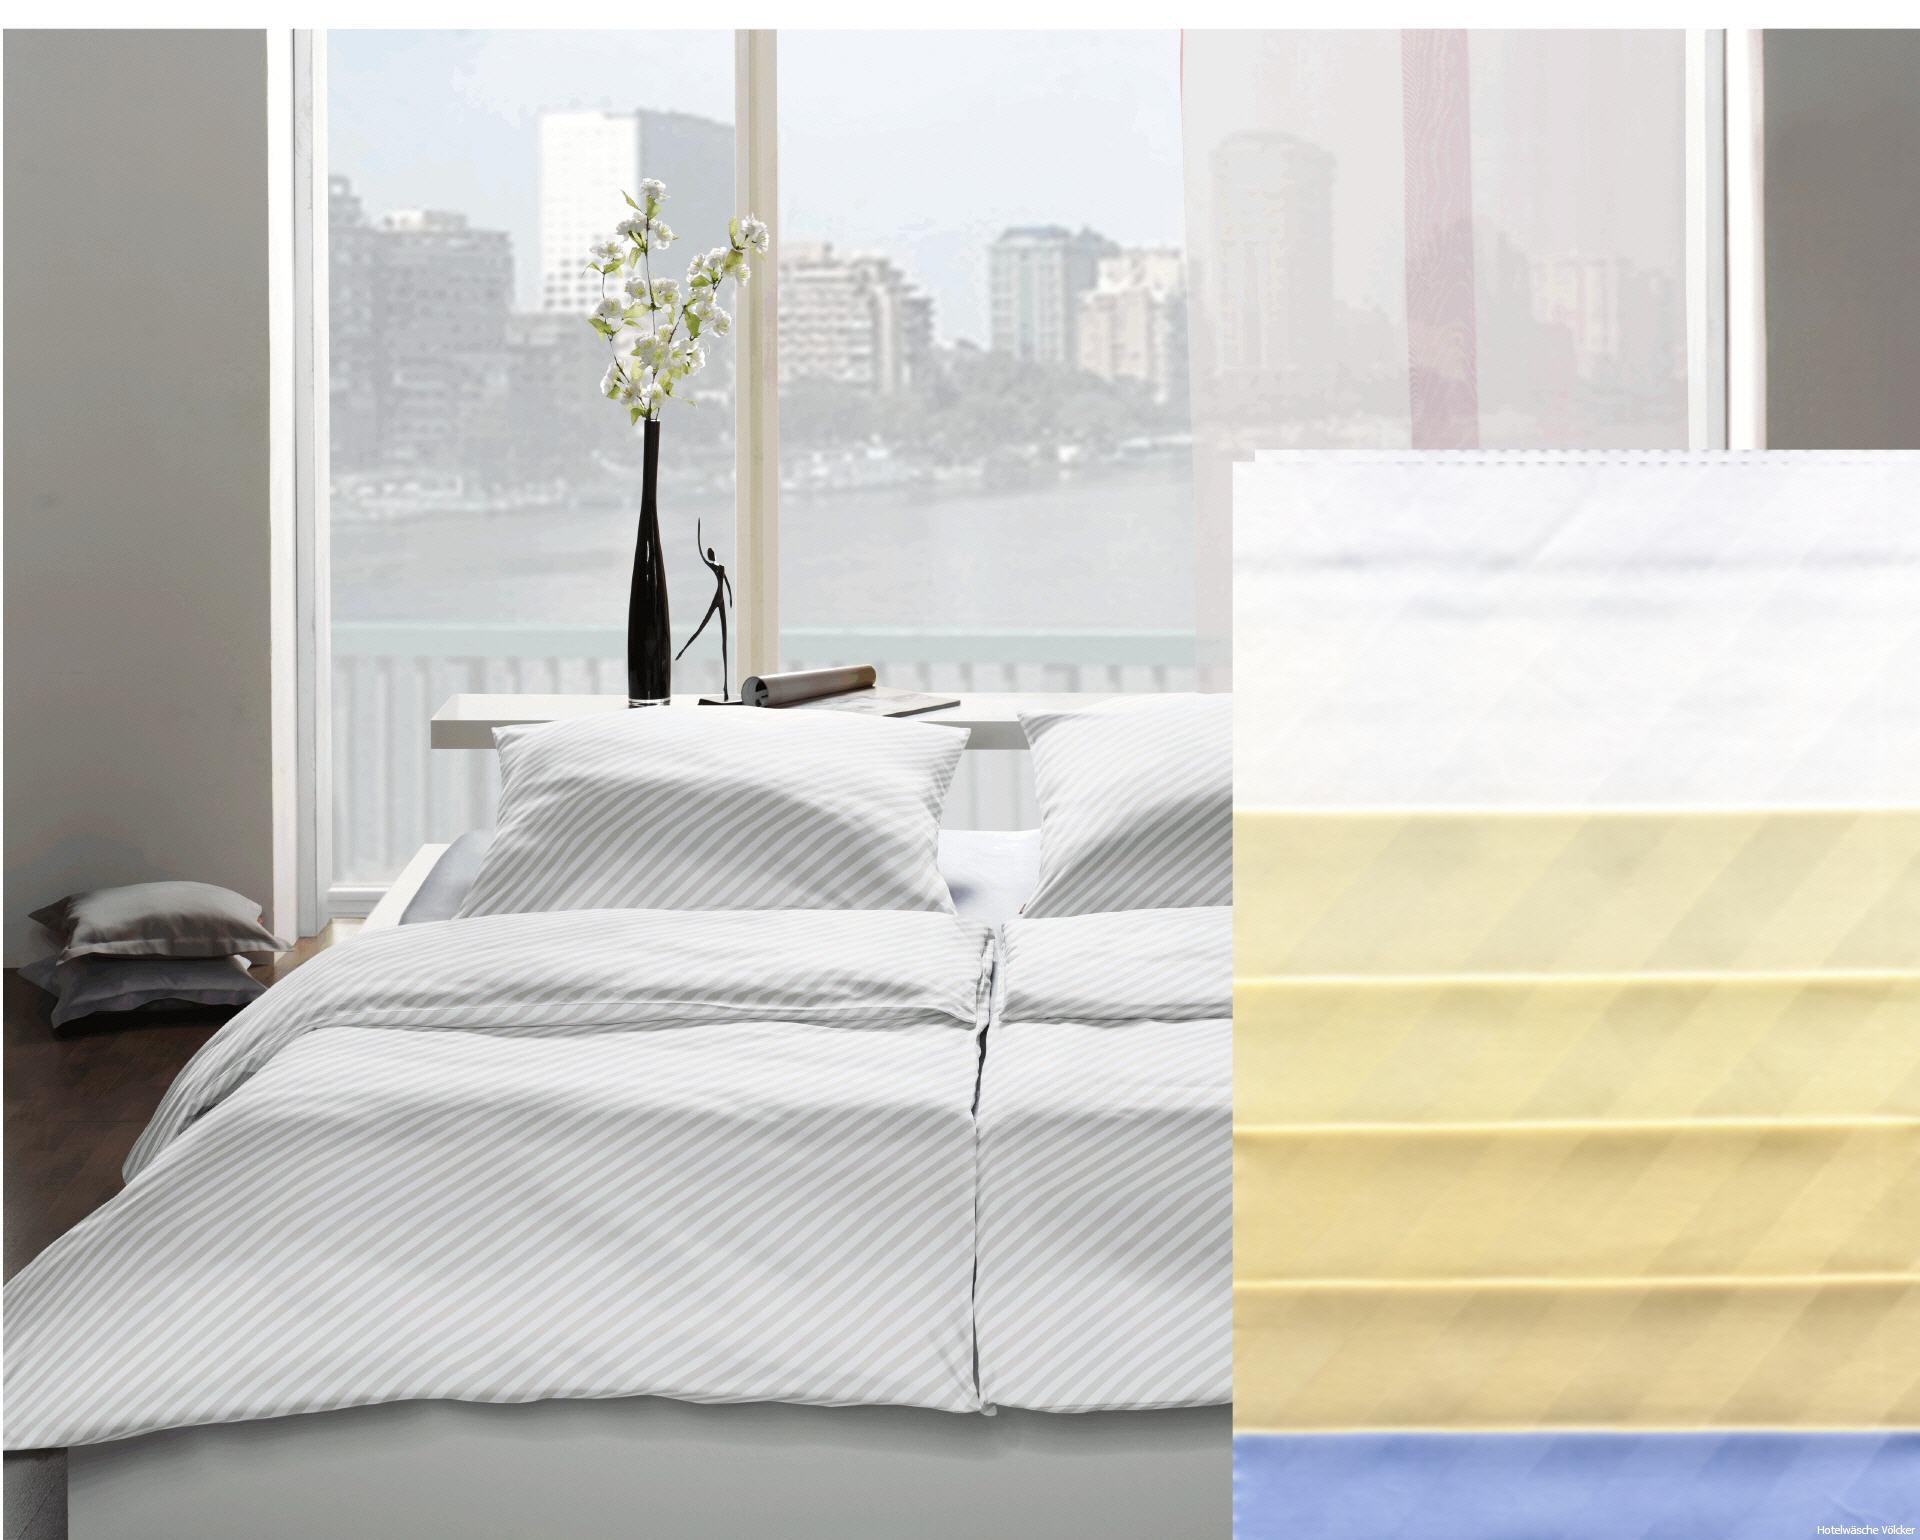 gastrotex hotelw sche gro handel gastronomiebedarf hotelbedarf tischdecken tischw sche. Black Bedroom Furniture Sets. Home Design Ideas